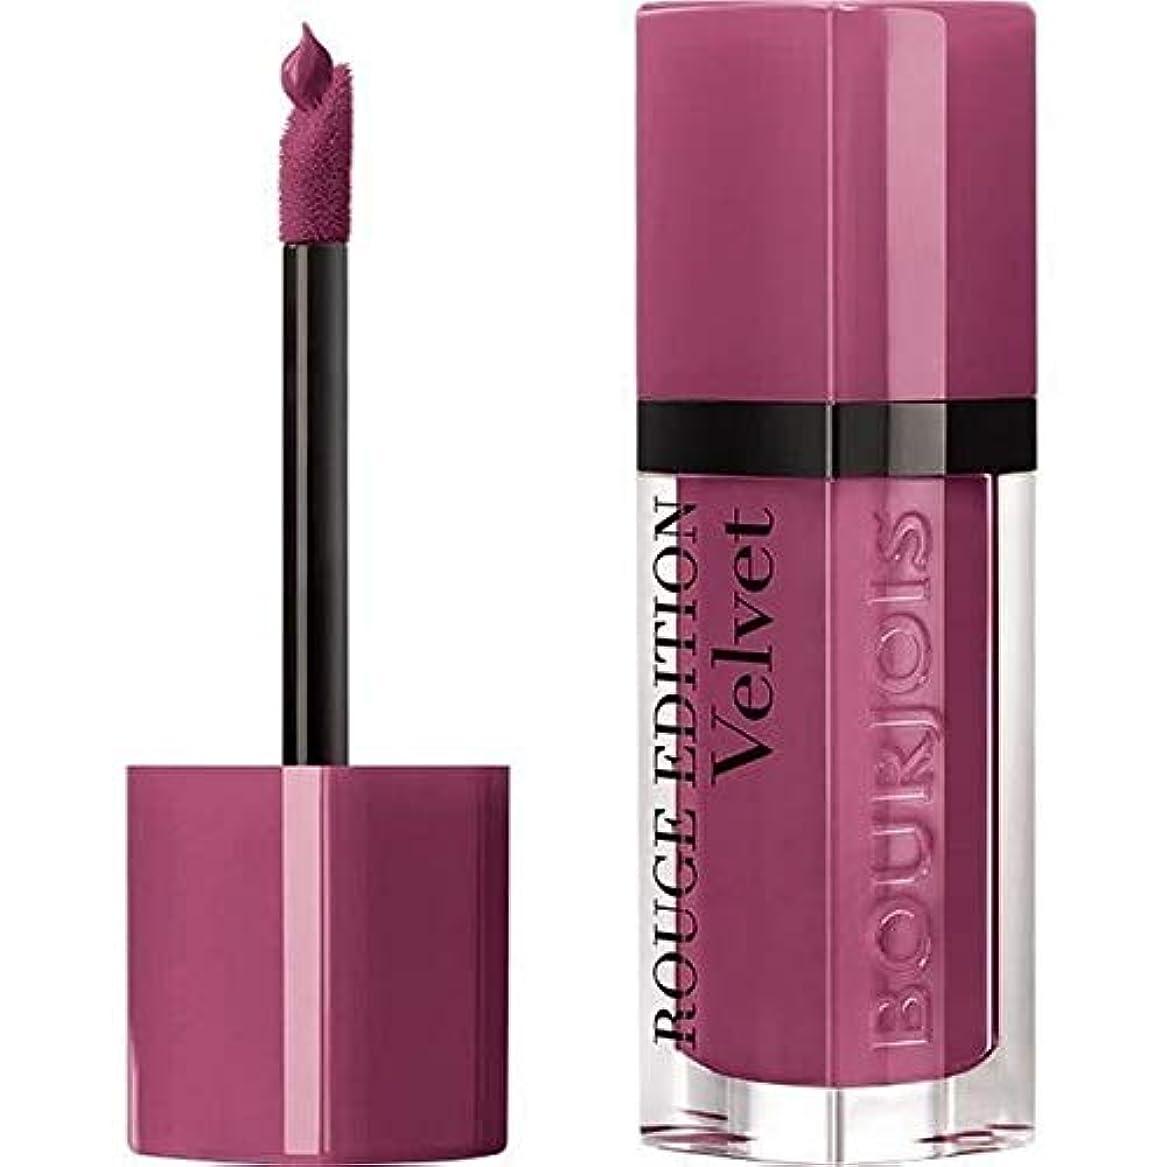 考え同情トランジスタ[Bourjois ] 藤色36でブルジョワ液状口紅ルージュ版のベルベット - Bourjois Liquid Lipstick Rouge Edition Velvet In Mauve 36 [並行輸入品]